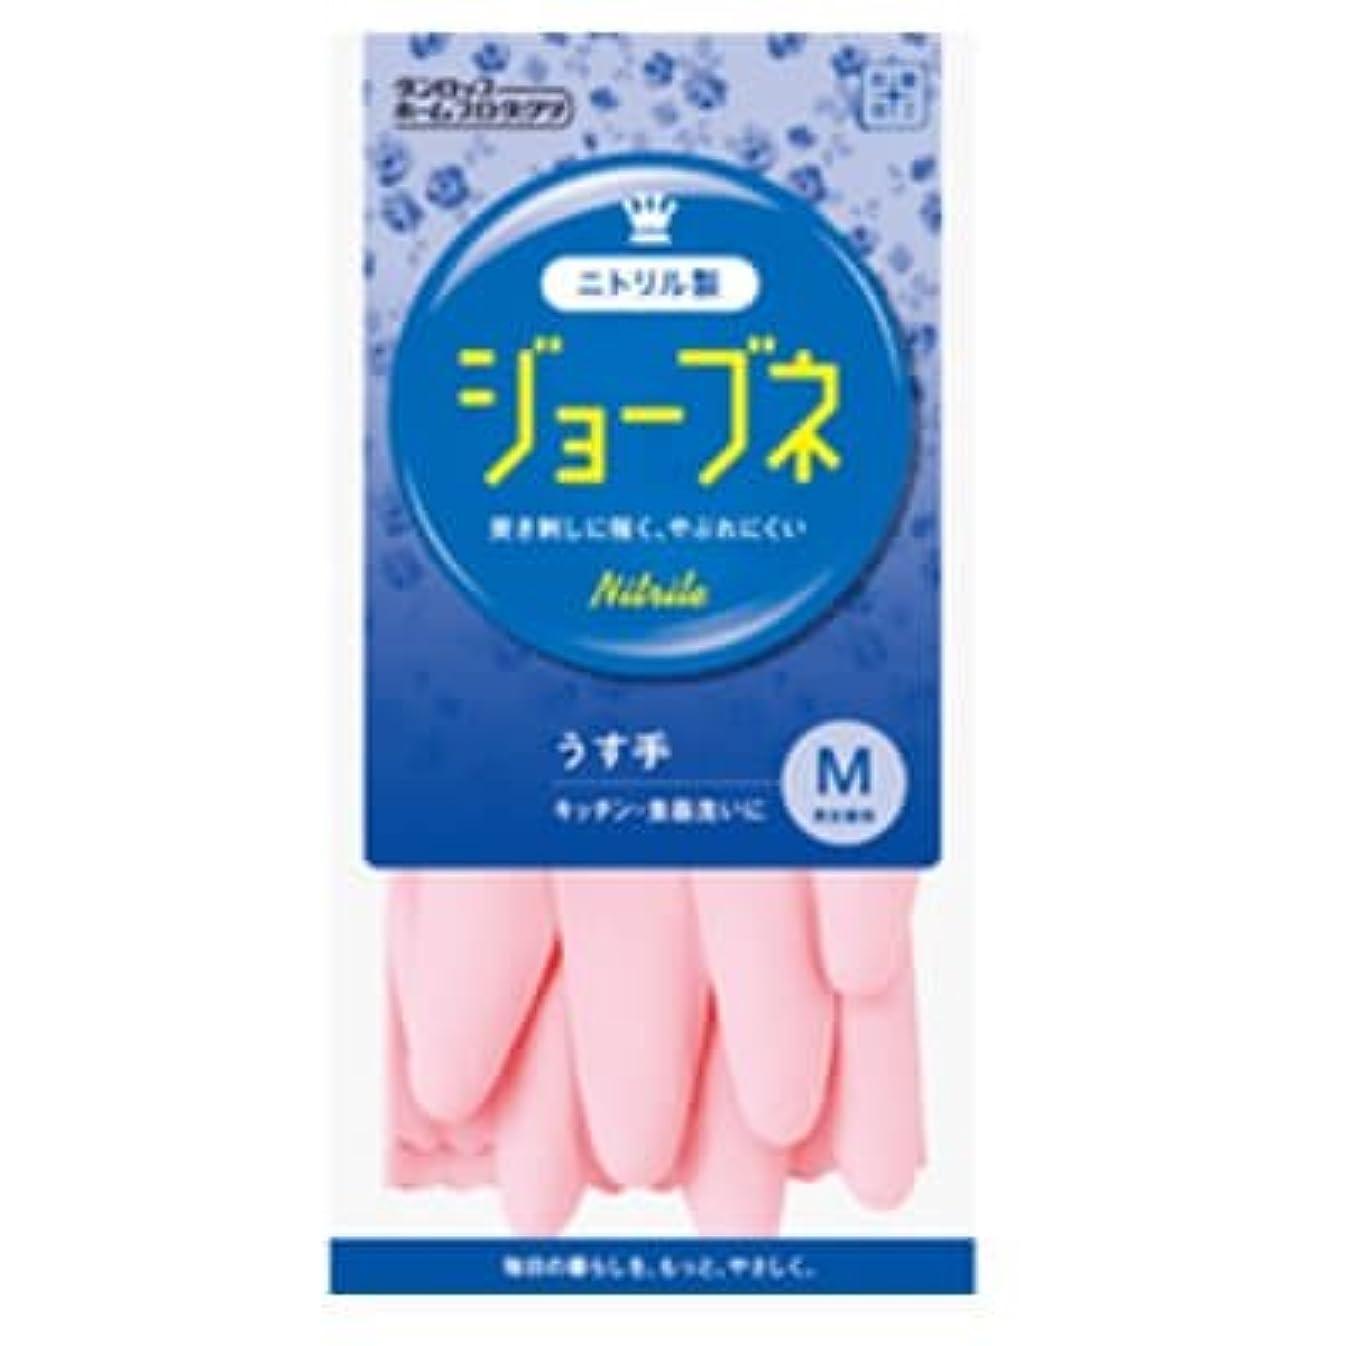 【ケース販売】 ダンロップ ジョーブネ うす手 M ピンク (10双×24袋)